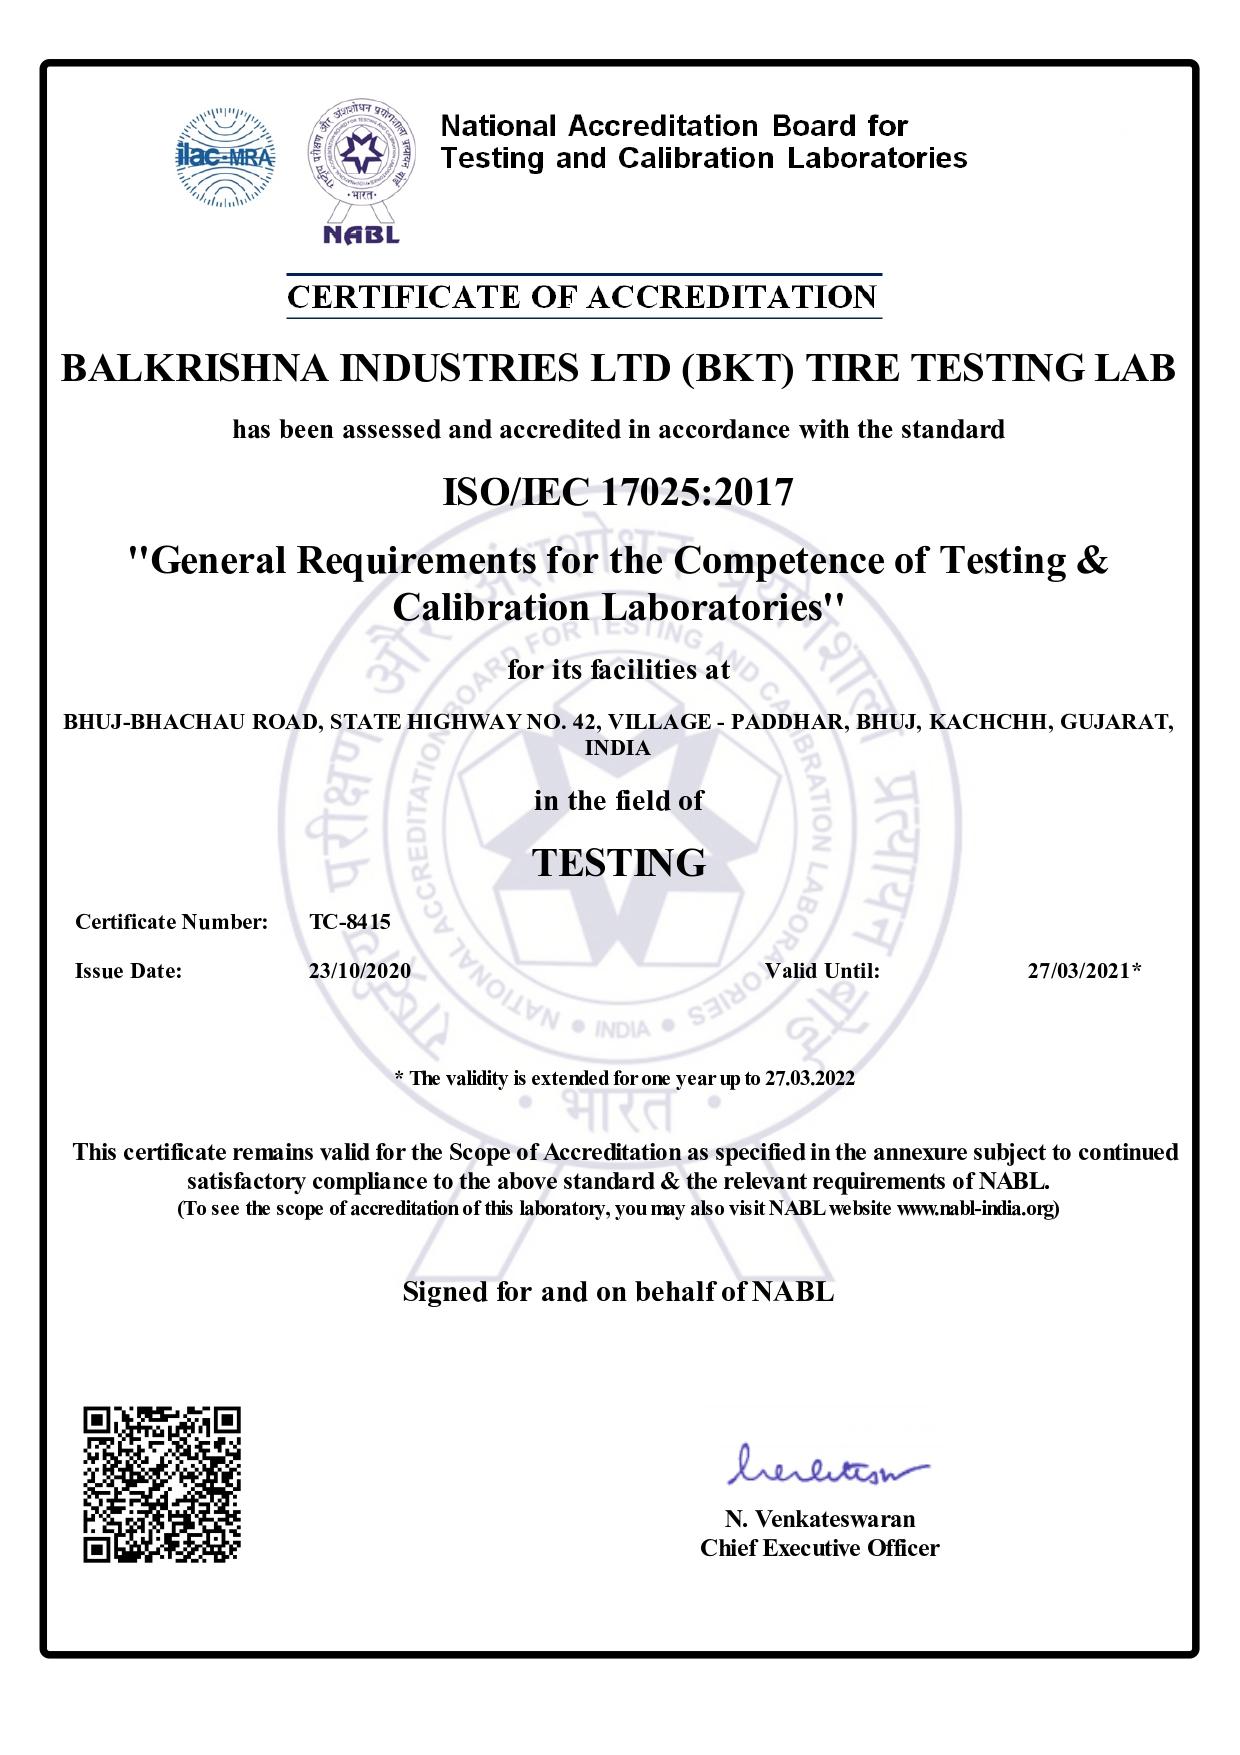 BKT OBTIENE LA CERTIFICACIÓN ISO/IEC 17025:2017. - 1